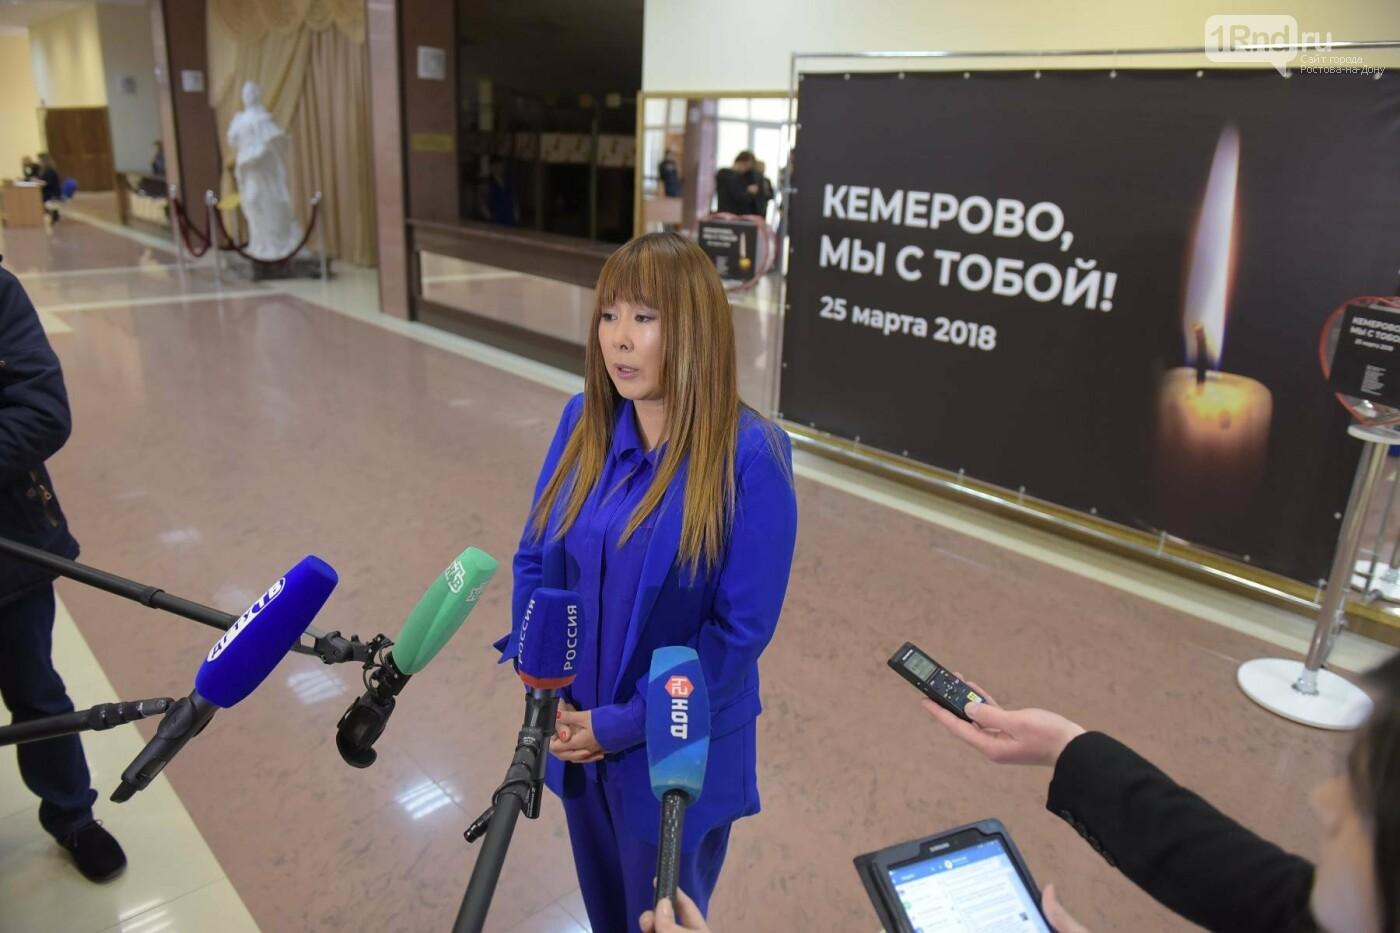 Благотворительная акция впомощь пострадавшим впожаре вКемерово пройдет вРостове